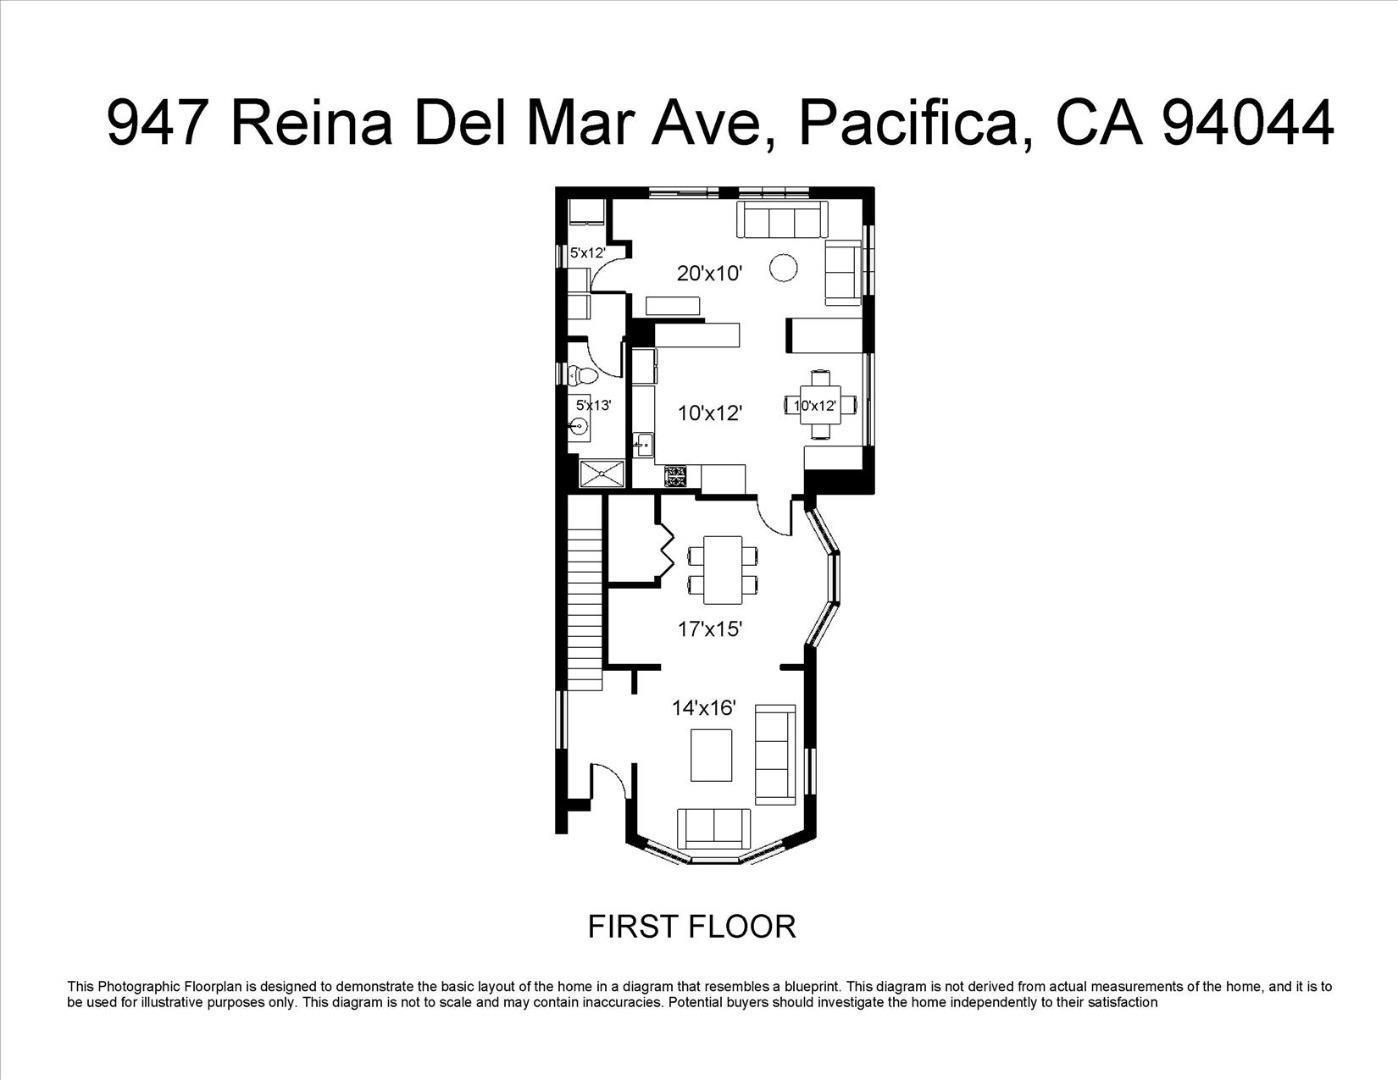 947 Reina Del Mar AVE